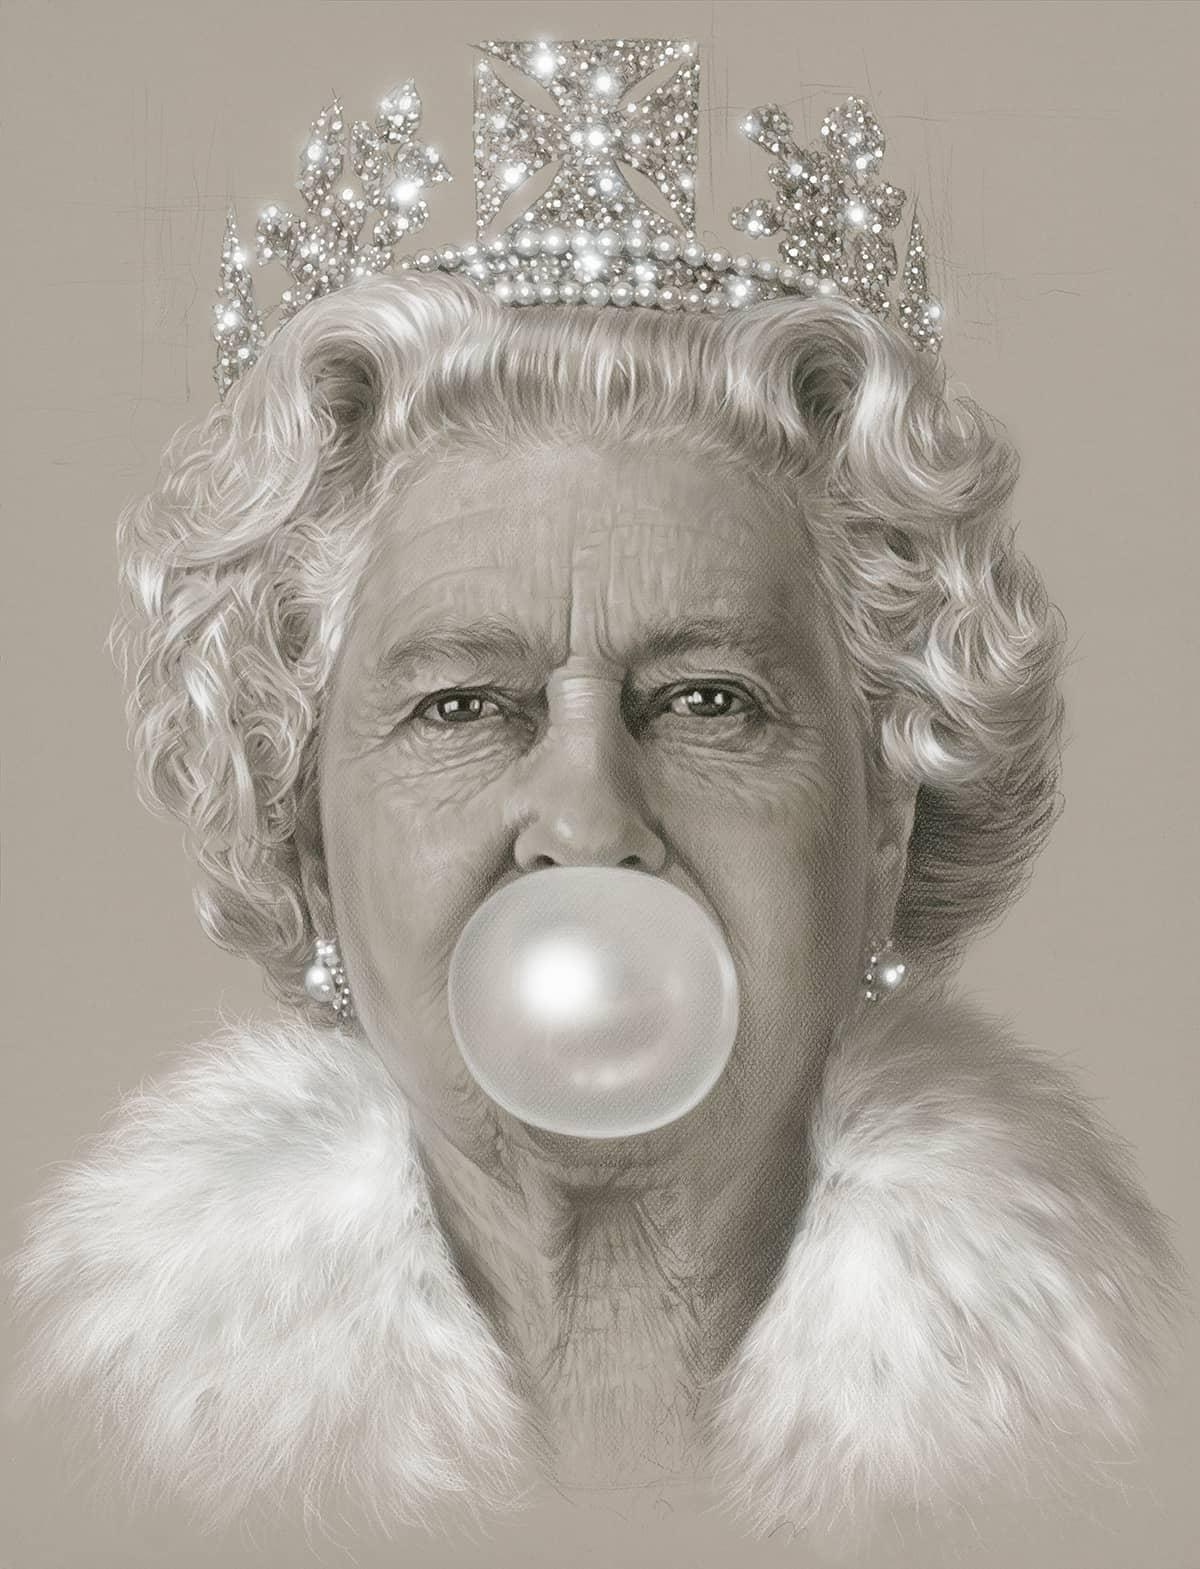 Michael Moebius, Queen Bubblegum, 2016